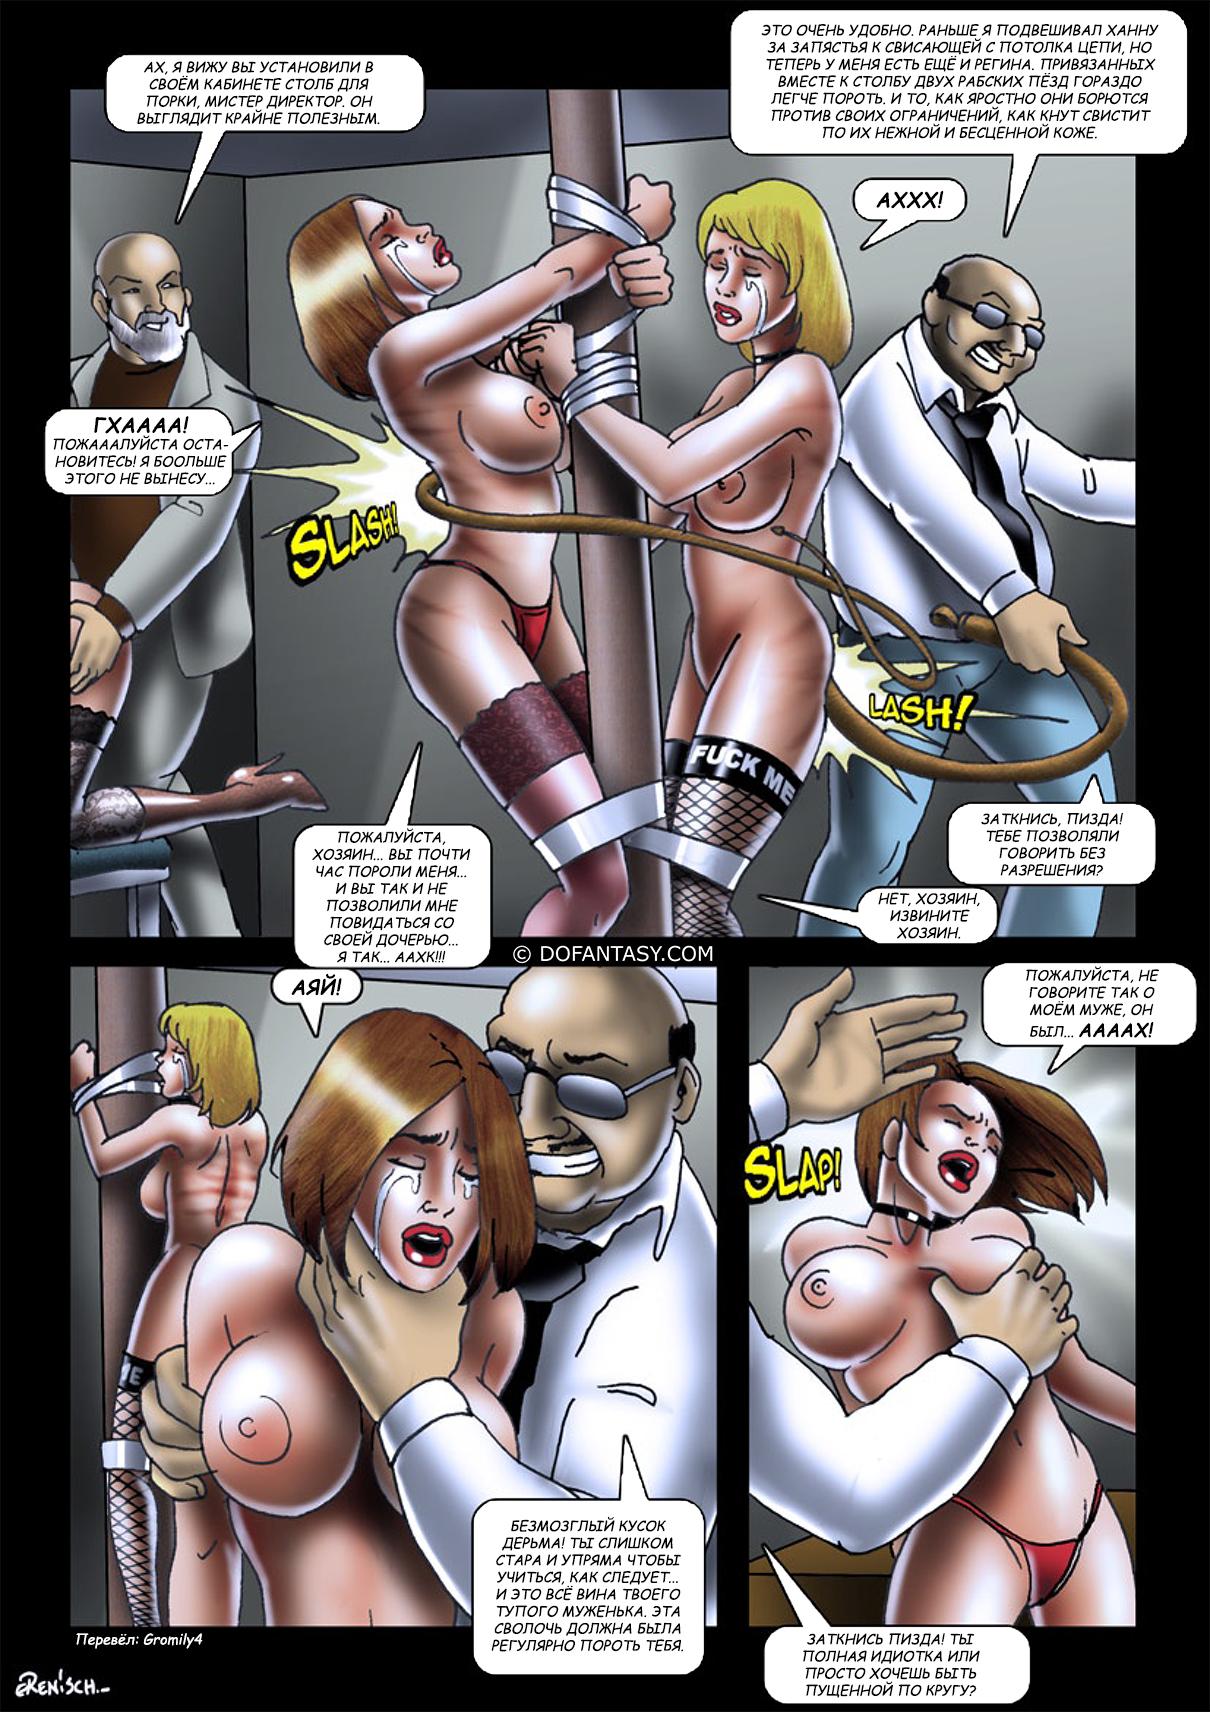 Порно комикс подарок на день рлждения 7 7 фотография